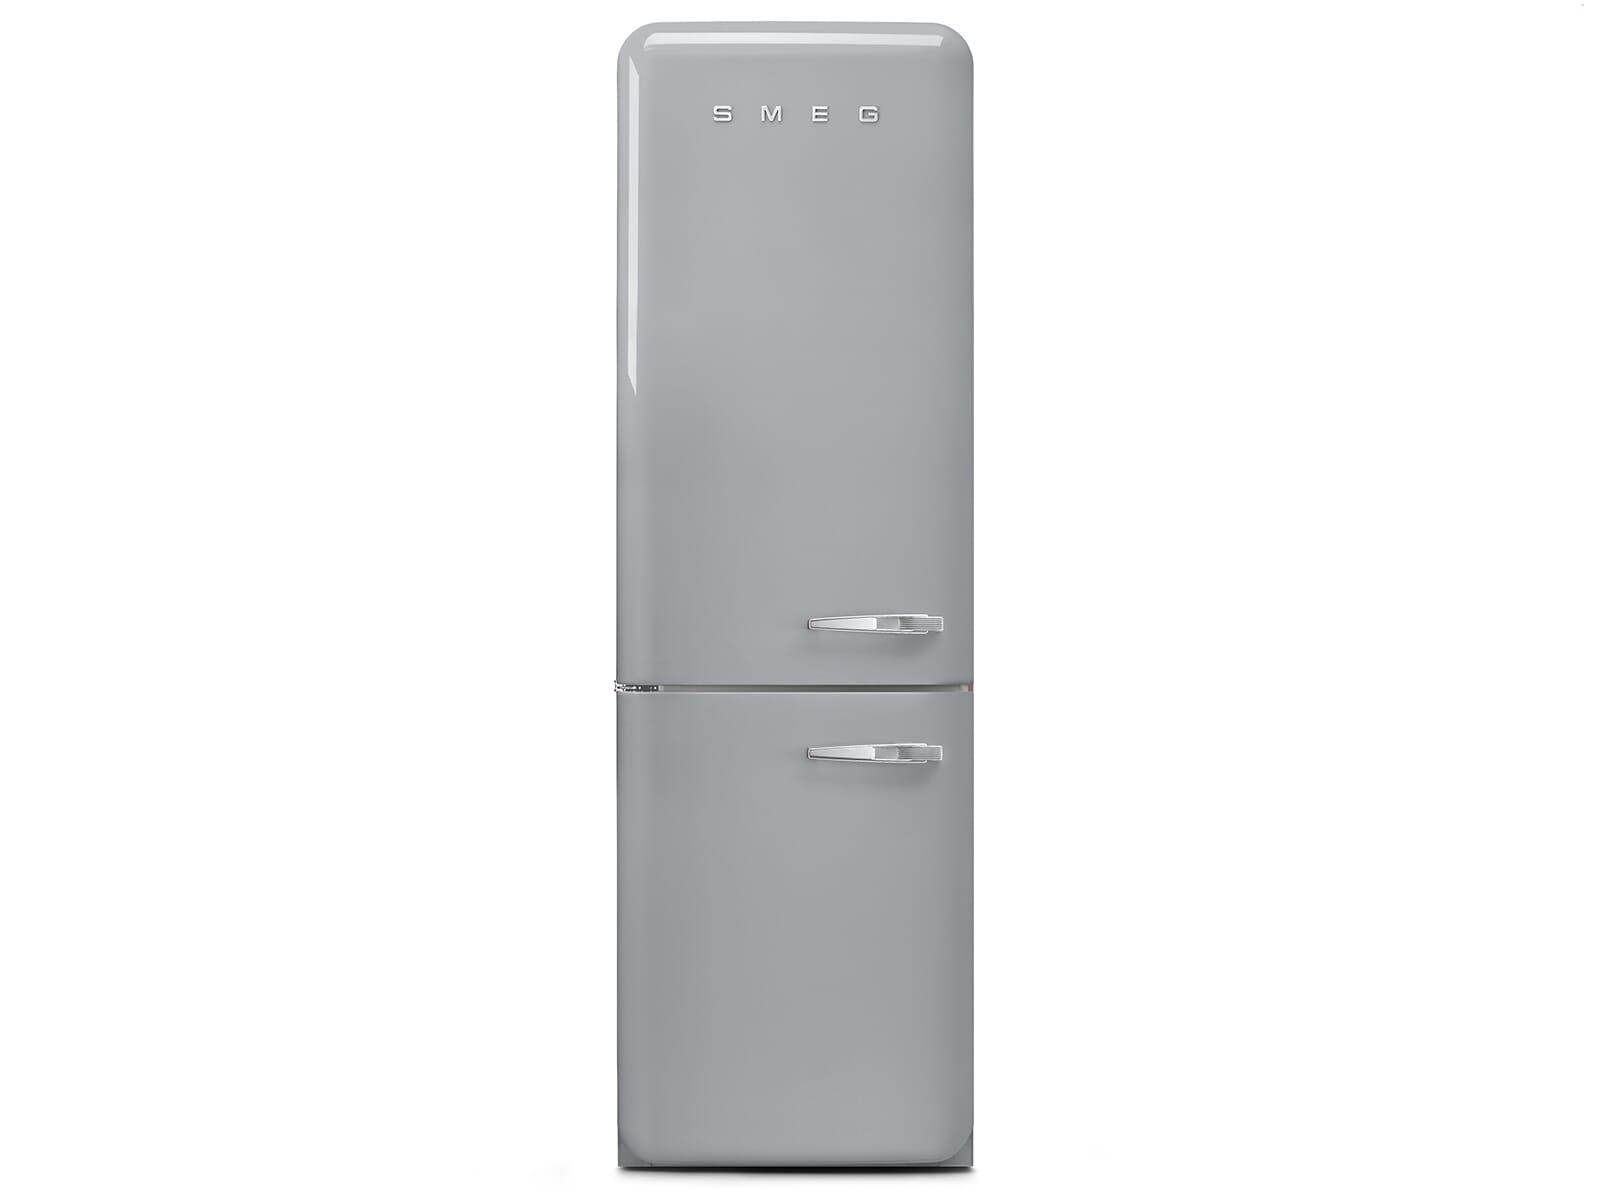 Smeg Kühlschrank Grau : Smeg kühlschrank grau offene küche ideen neue küche